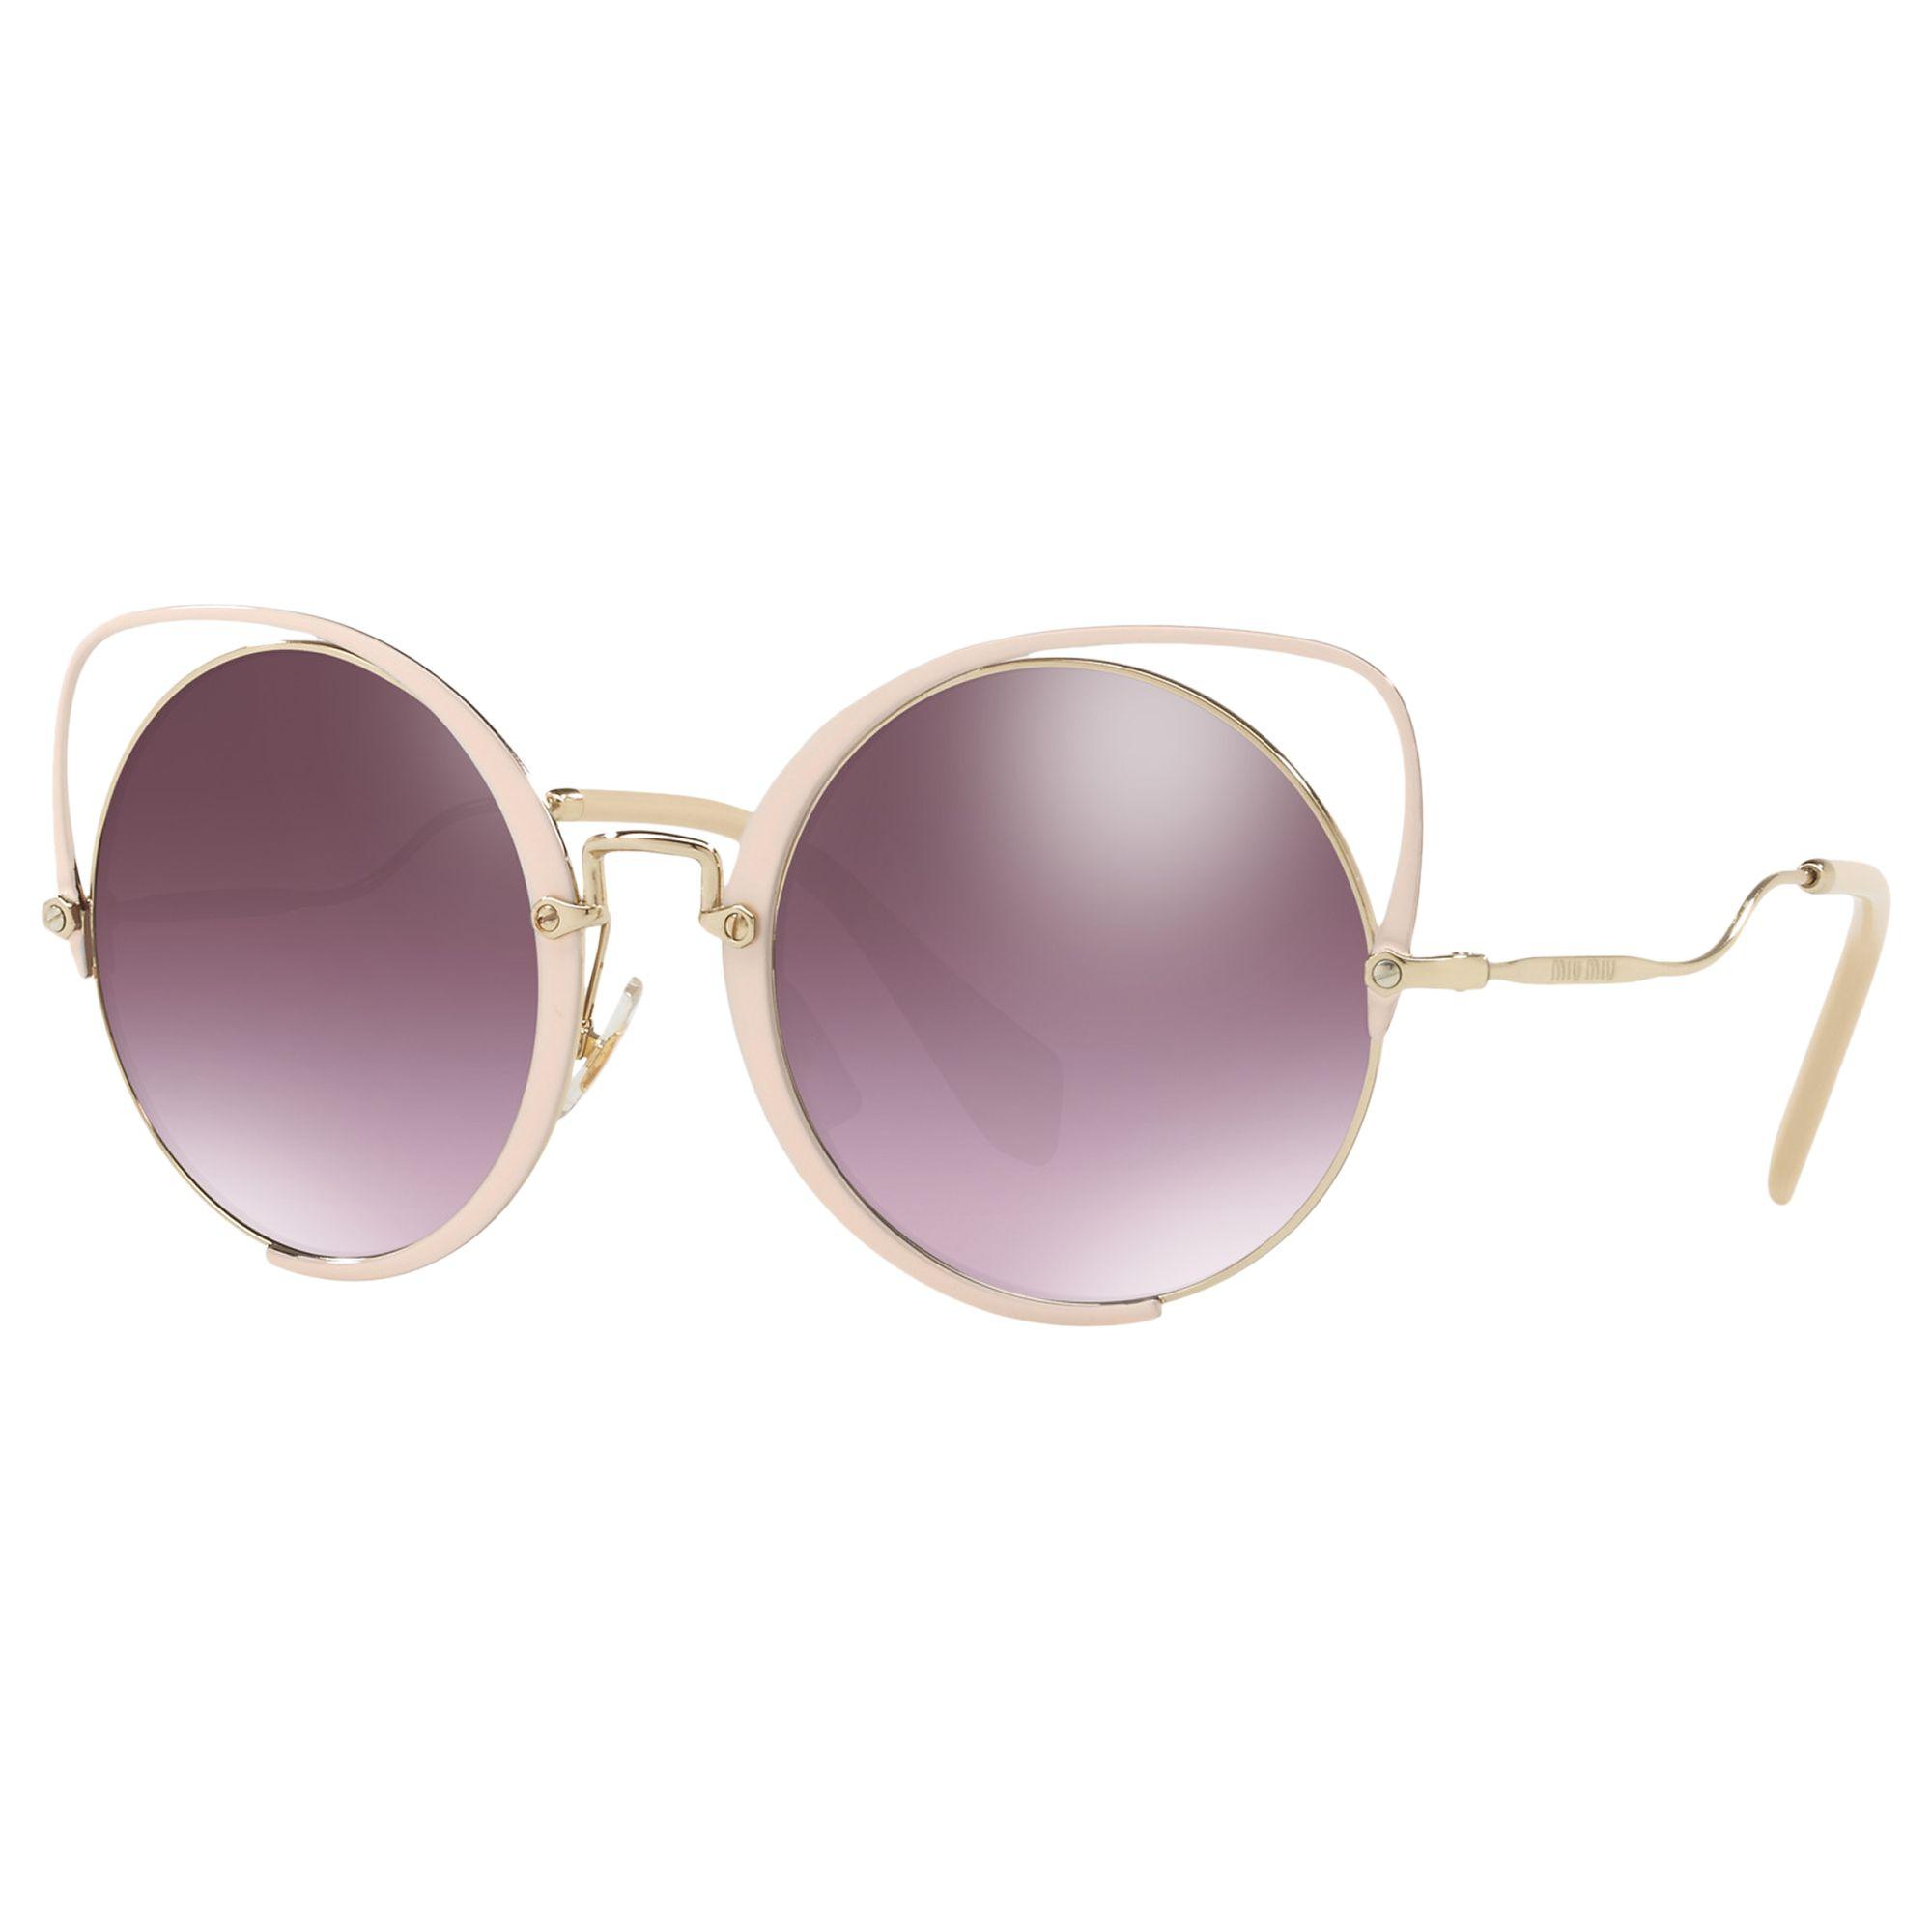 Miu Miu Miu Miu MU 51TS Round Sunglasses